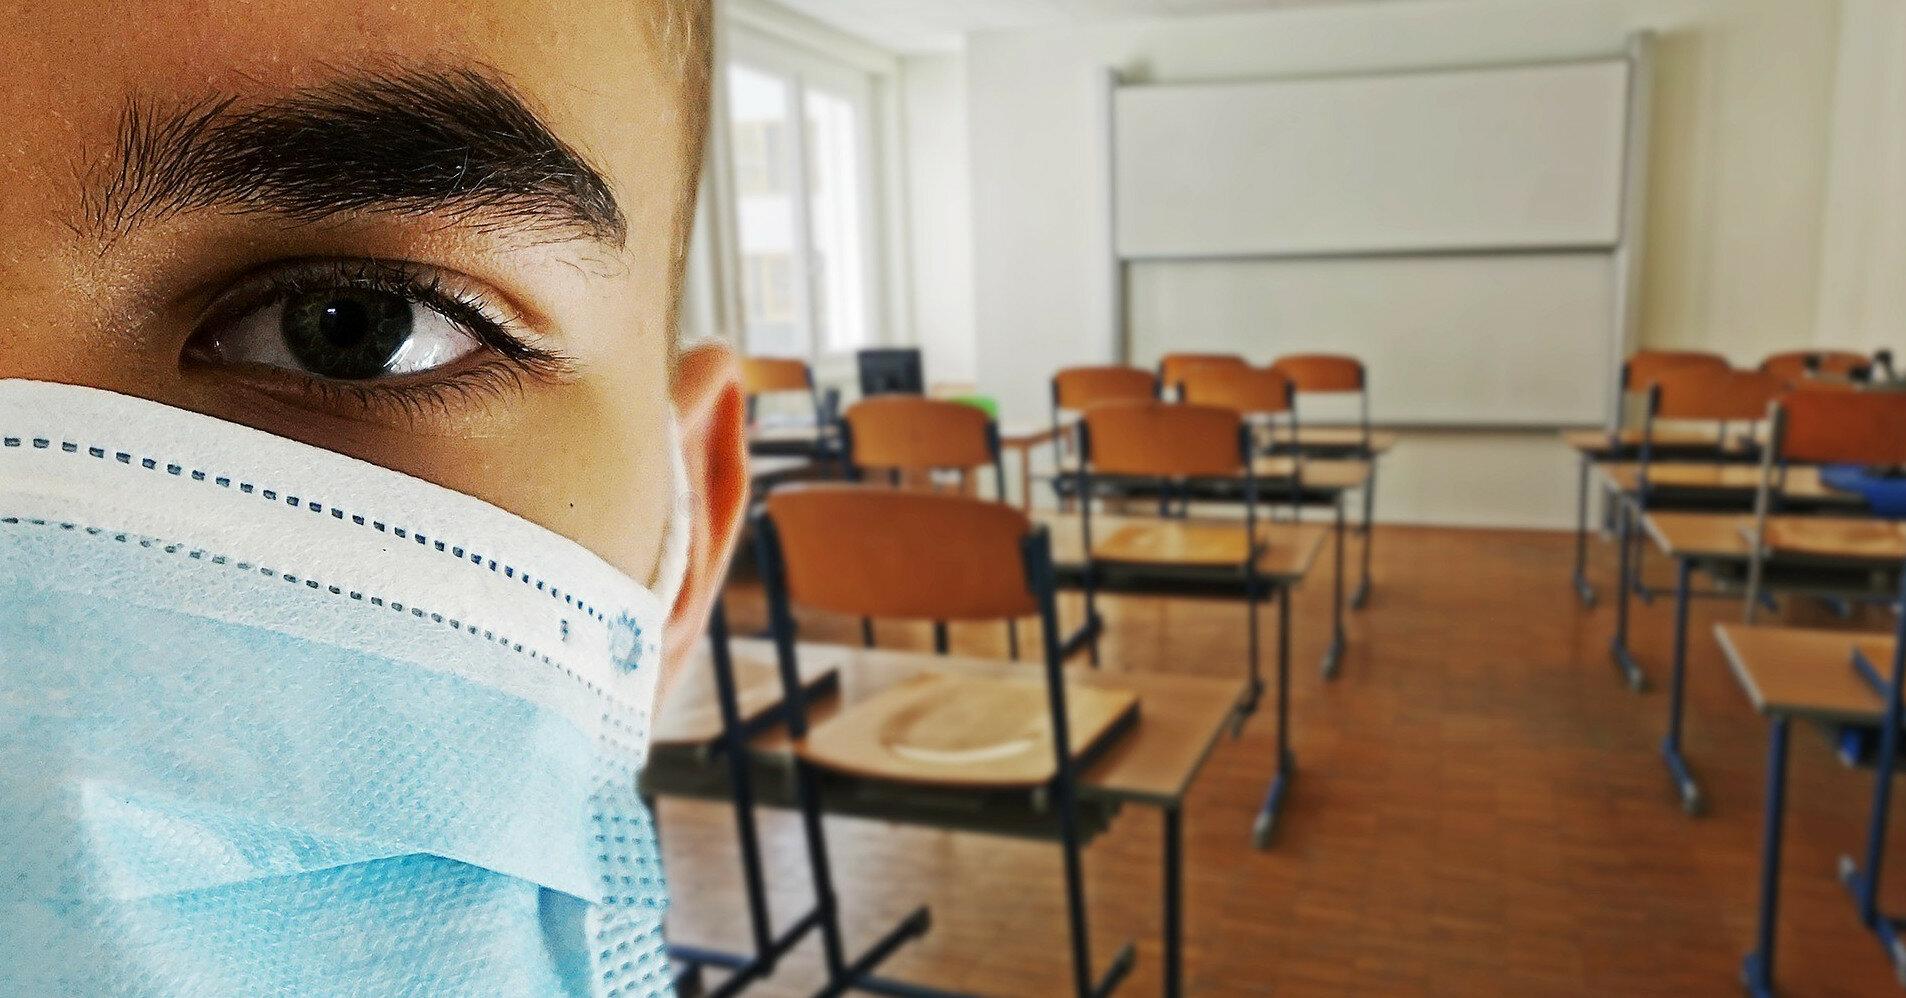 В Испании планируют вакцинировать подростков 12-19 лет до начала учебы